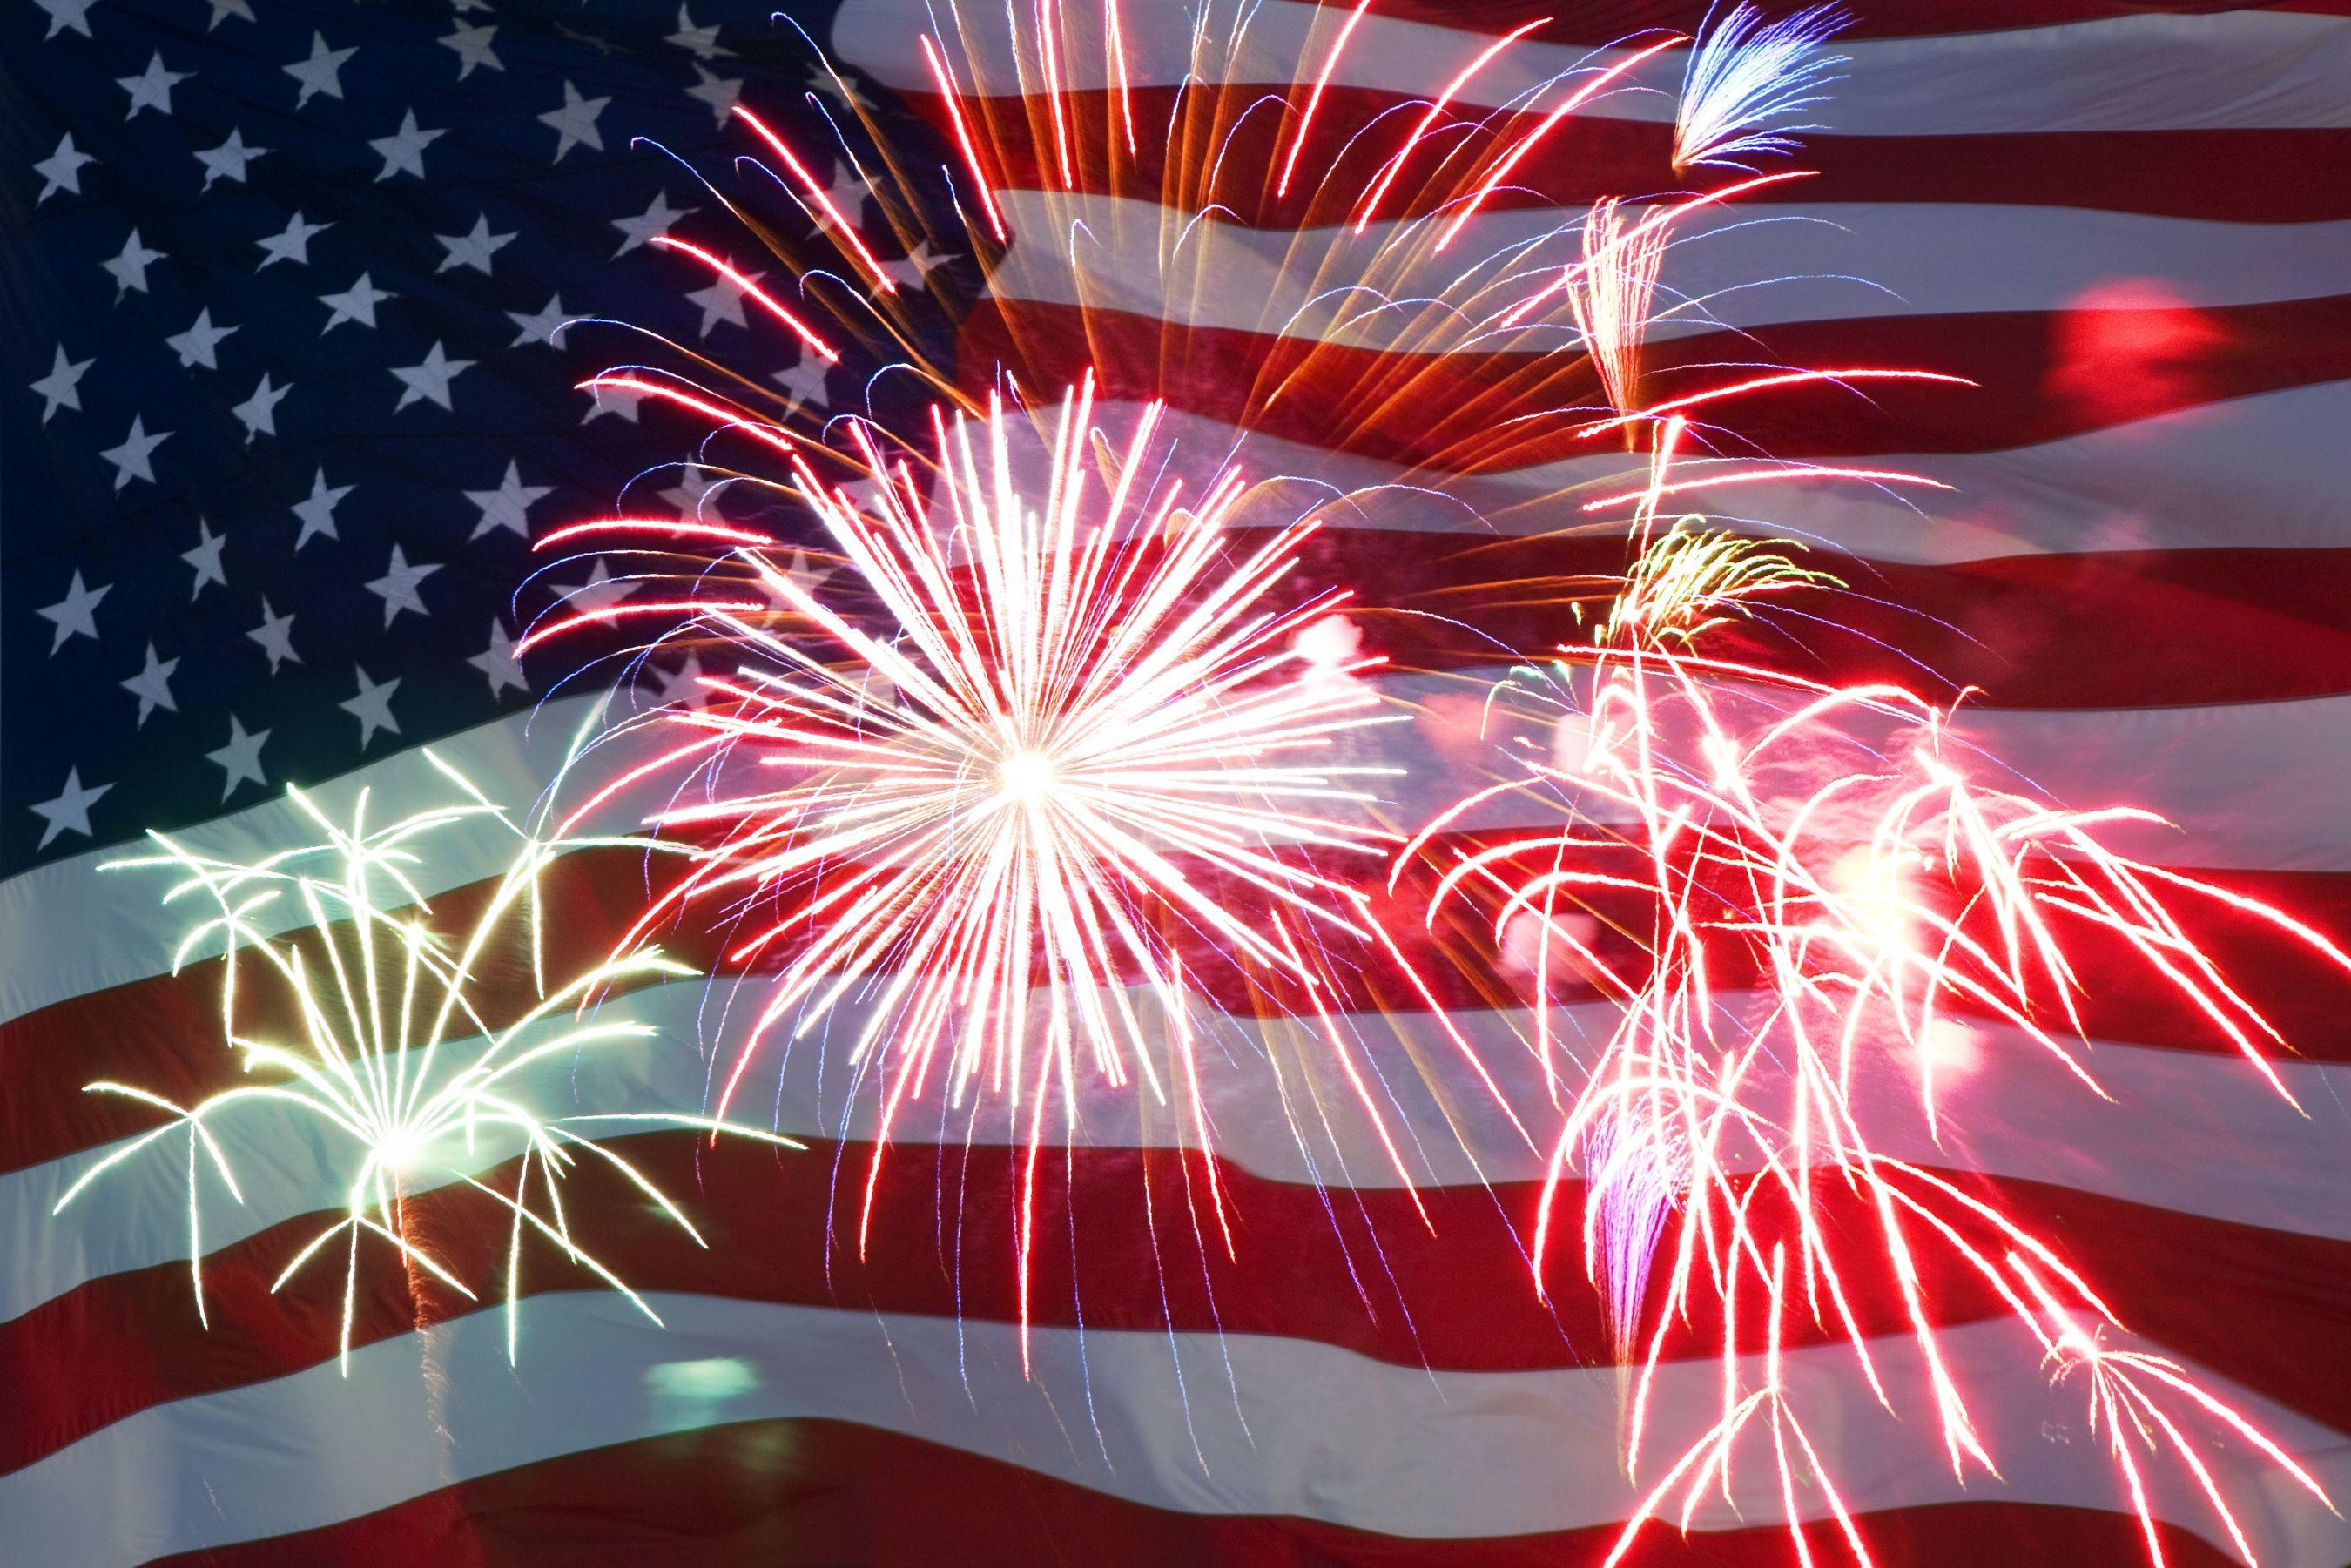 7efb1c9e50ef1bf8c334_flag-fireworks.jpg